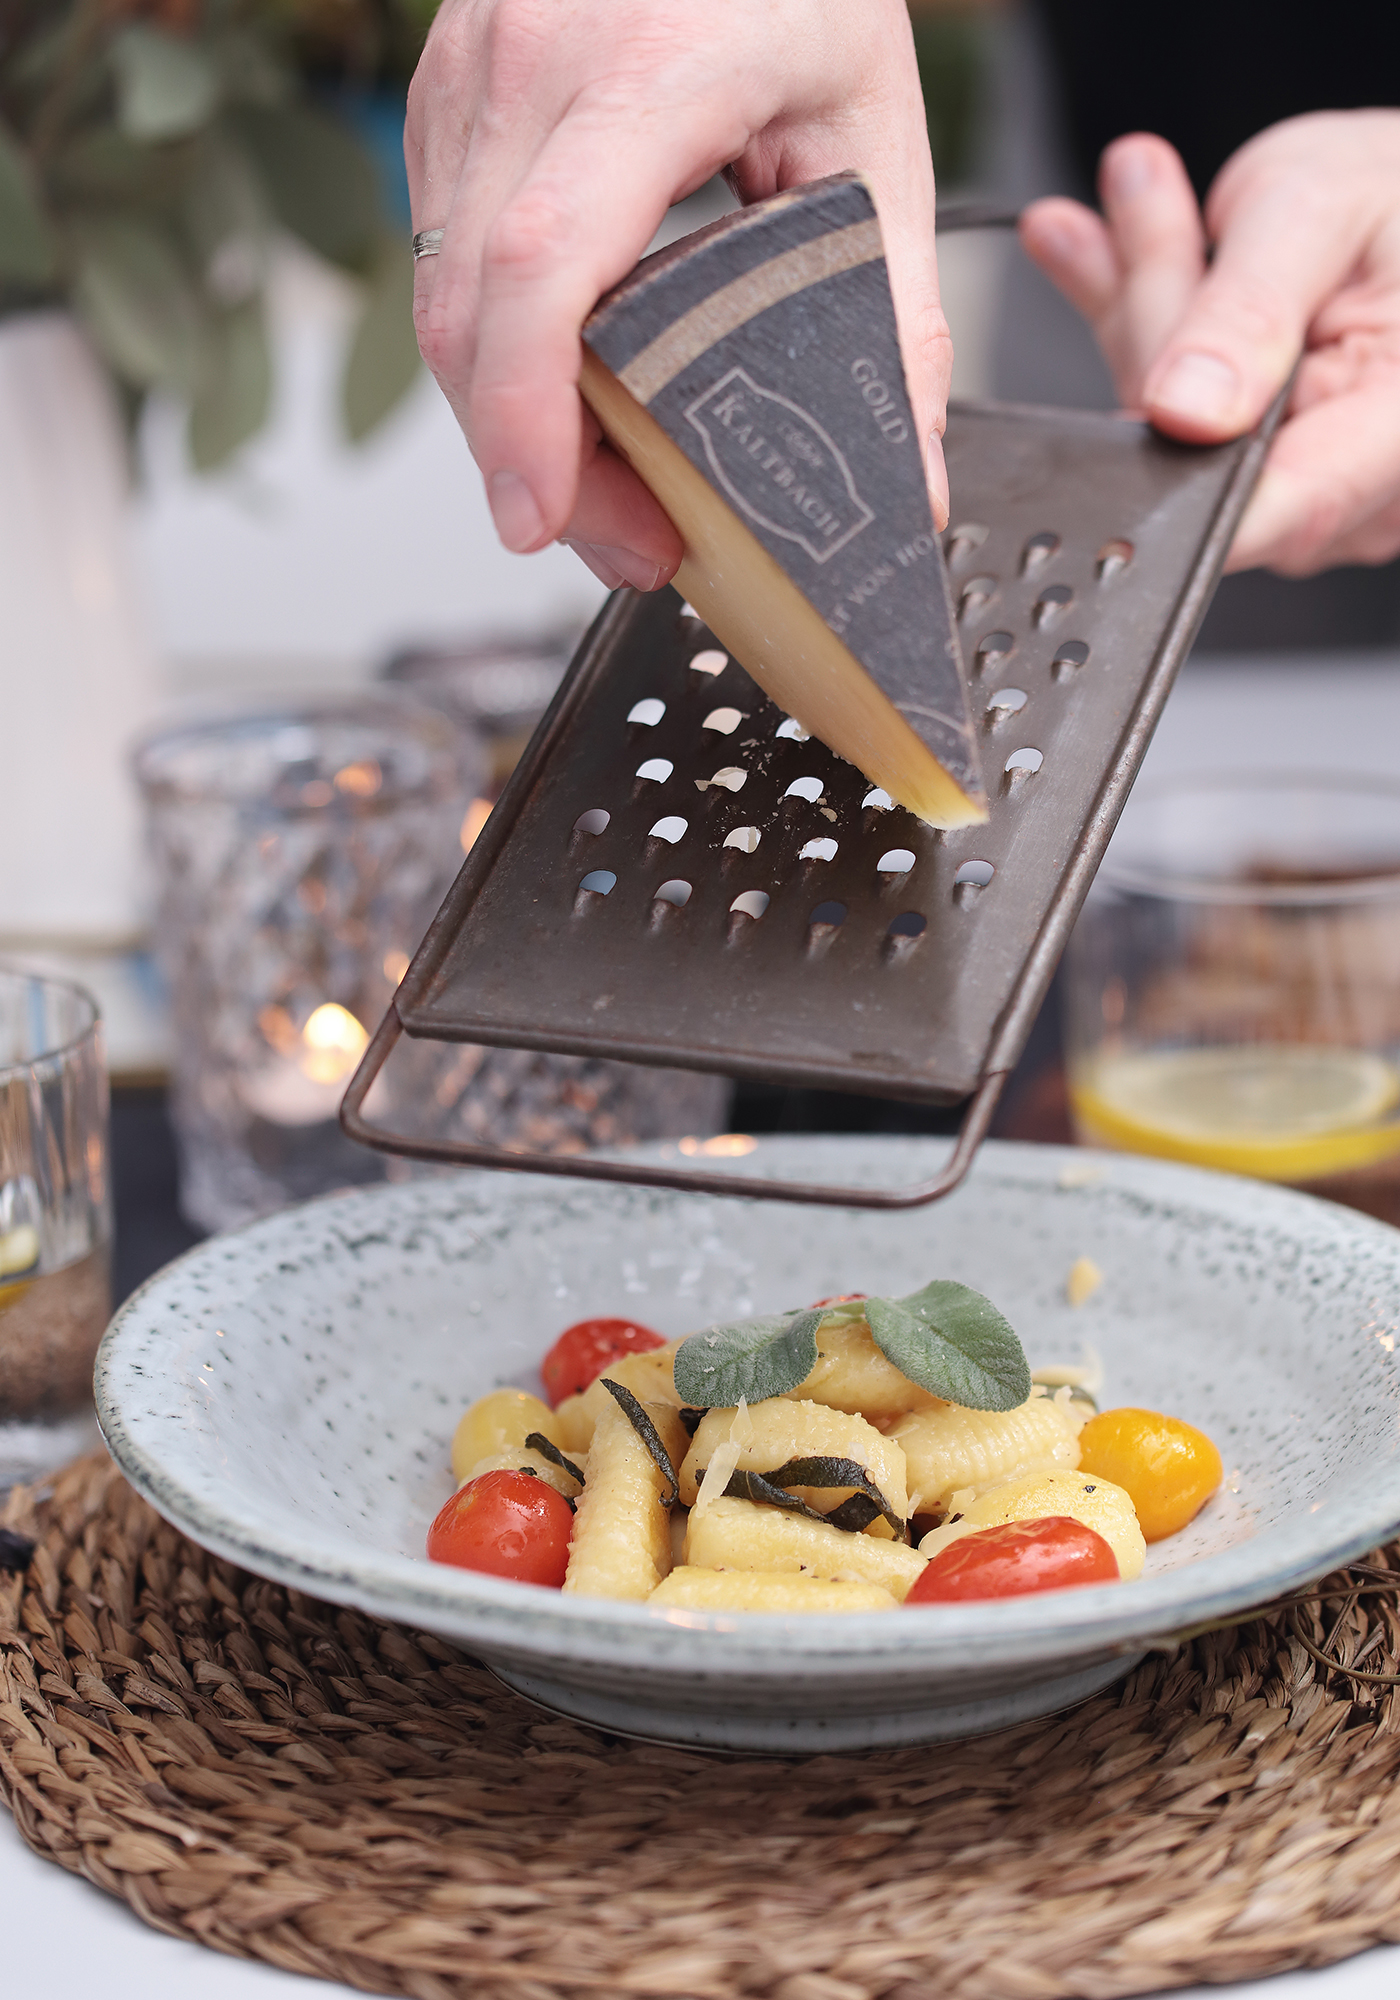 Gefüllte Gnocchi selbst gemacht mit geschmelzten Tomaten und Salbeibutter